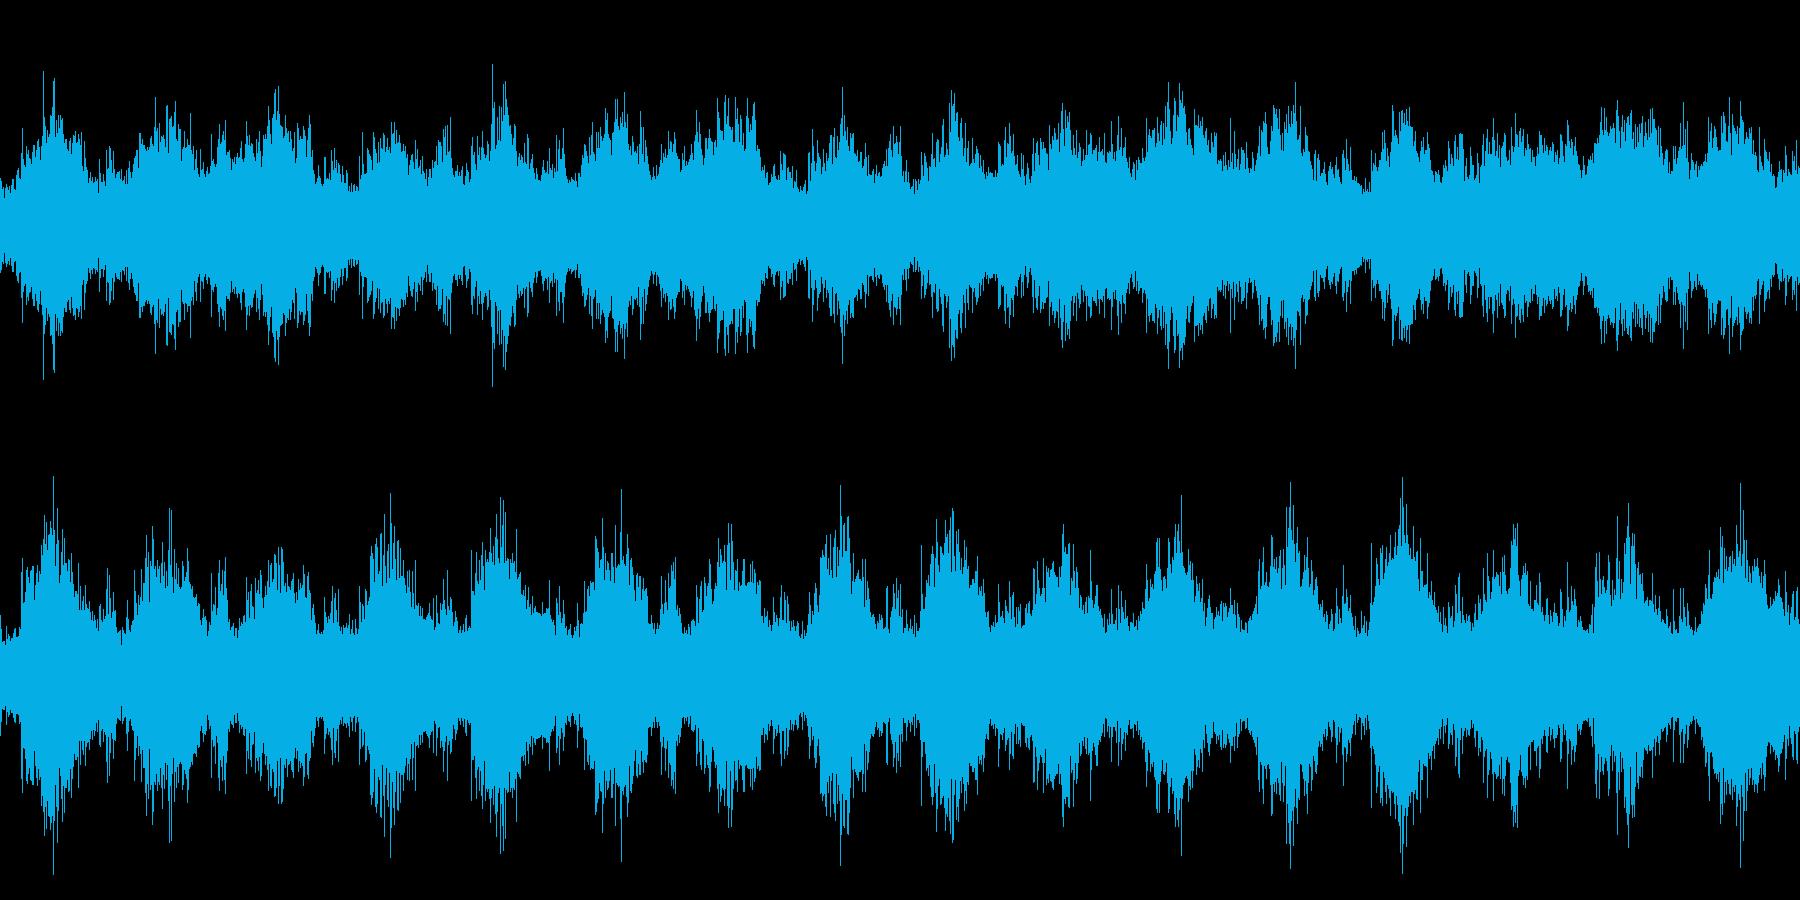 軍隊、侵攻など不穏なイメージ ループ版の再生済みの波形